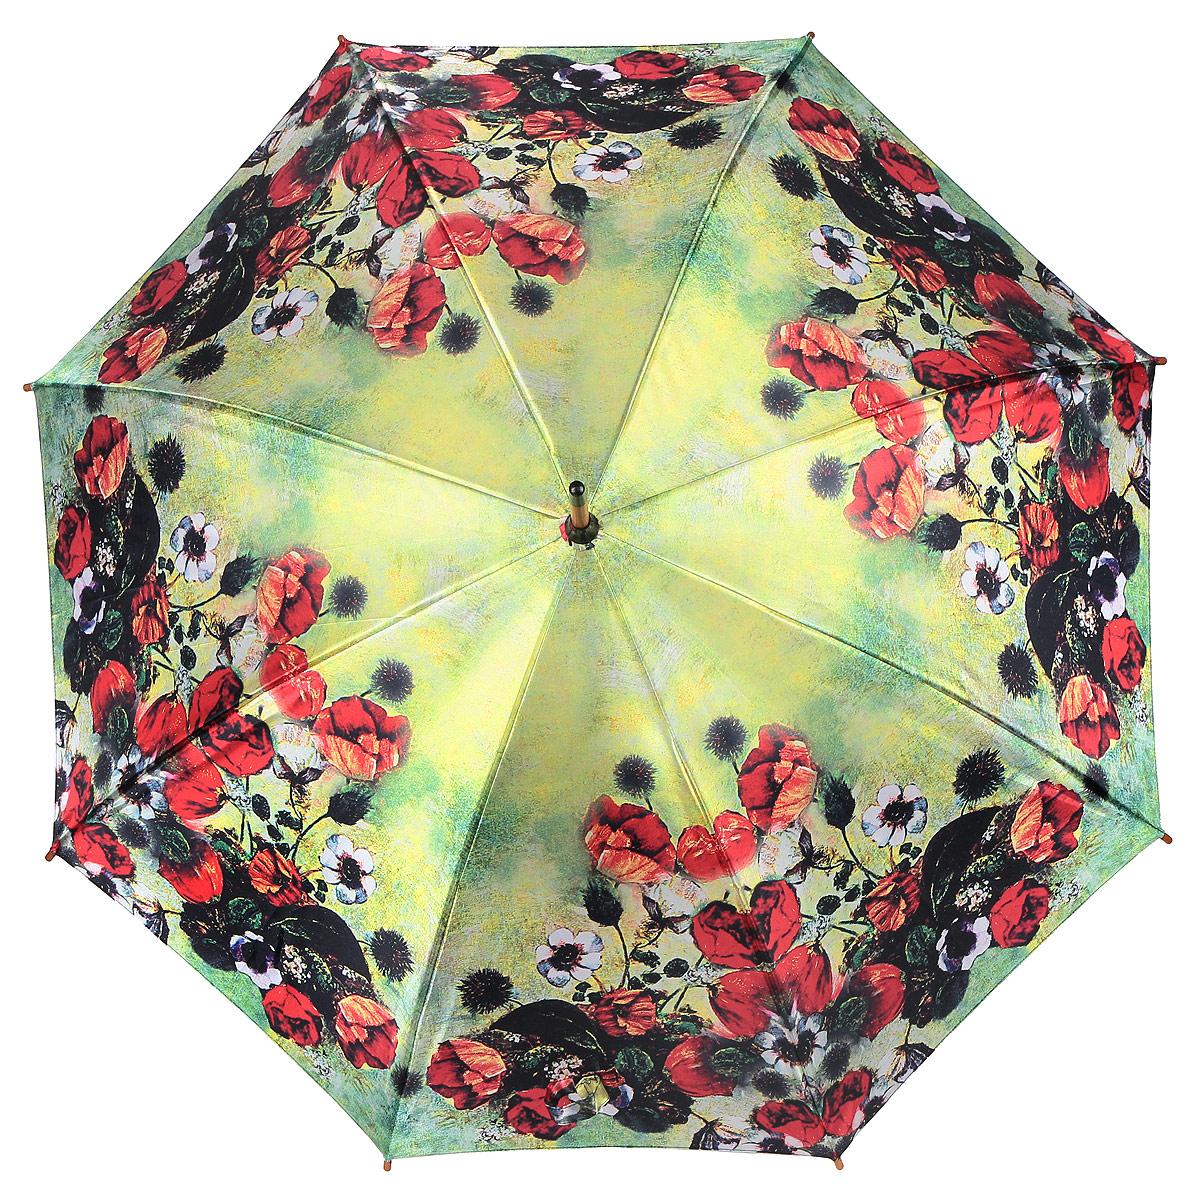 Зонт-трость Цветы, полуавтомат. 1001-281001-28Стильный полуавтоматический зонт-трость Цветы поднимет настроение даже в ненастную погоду. Каркас зонта состоит из деревянного стержня и 8 металлических спиц черного цвета. Купол зонта, изготовленный из сатина с водоотталкивающей пропиткой, оформлен красочным изображением цветов. Зонт оснащен удобной закругленной рукояткой. Кончики спиц защищены деревянными насадками. Зонт имеет полуавтоматический механизм сложения: купол открывается нажатием кнопки на рукоятке, а закрывается вручную до характерного щелчка. Такой зонт не только надежно защитит вас от дождя, но и станет стильным аксессуаром.